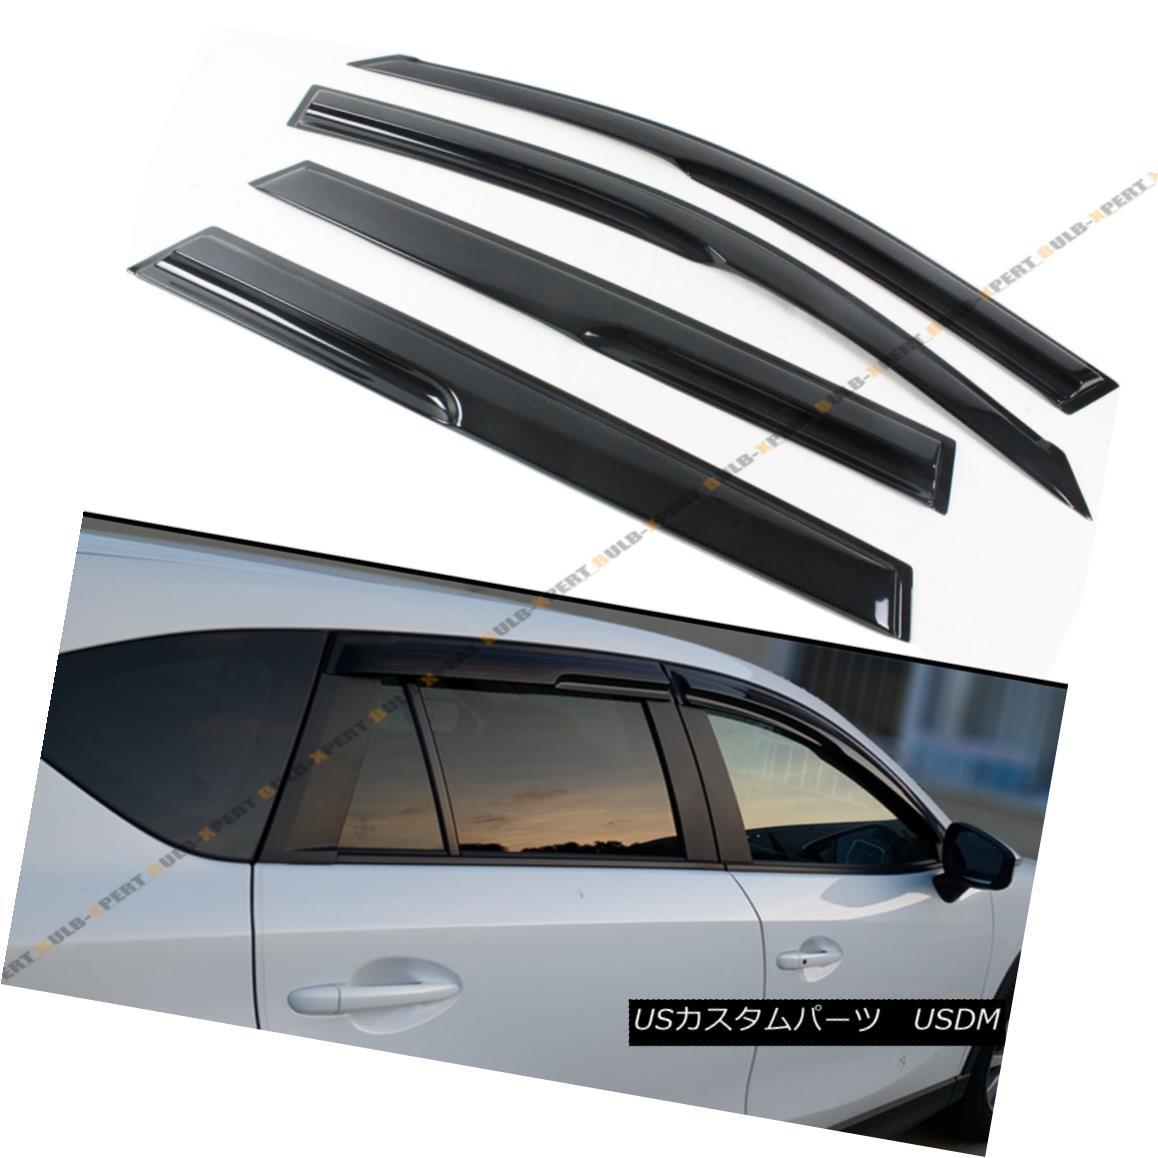 エアロパーツ FOR 2006-2012 TOYOTA RAV4 JDM WAVY 3D STYLE SMOKED WINDOW VISOR VENT SHADE GUARD 2006-2012トヨタRAV4 JDM WAVY 3Dスタイルスモーキーウインドーバイザー通風シェードガード